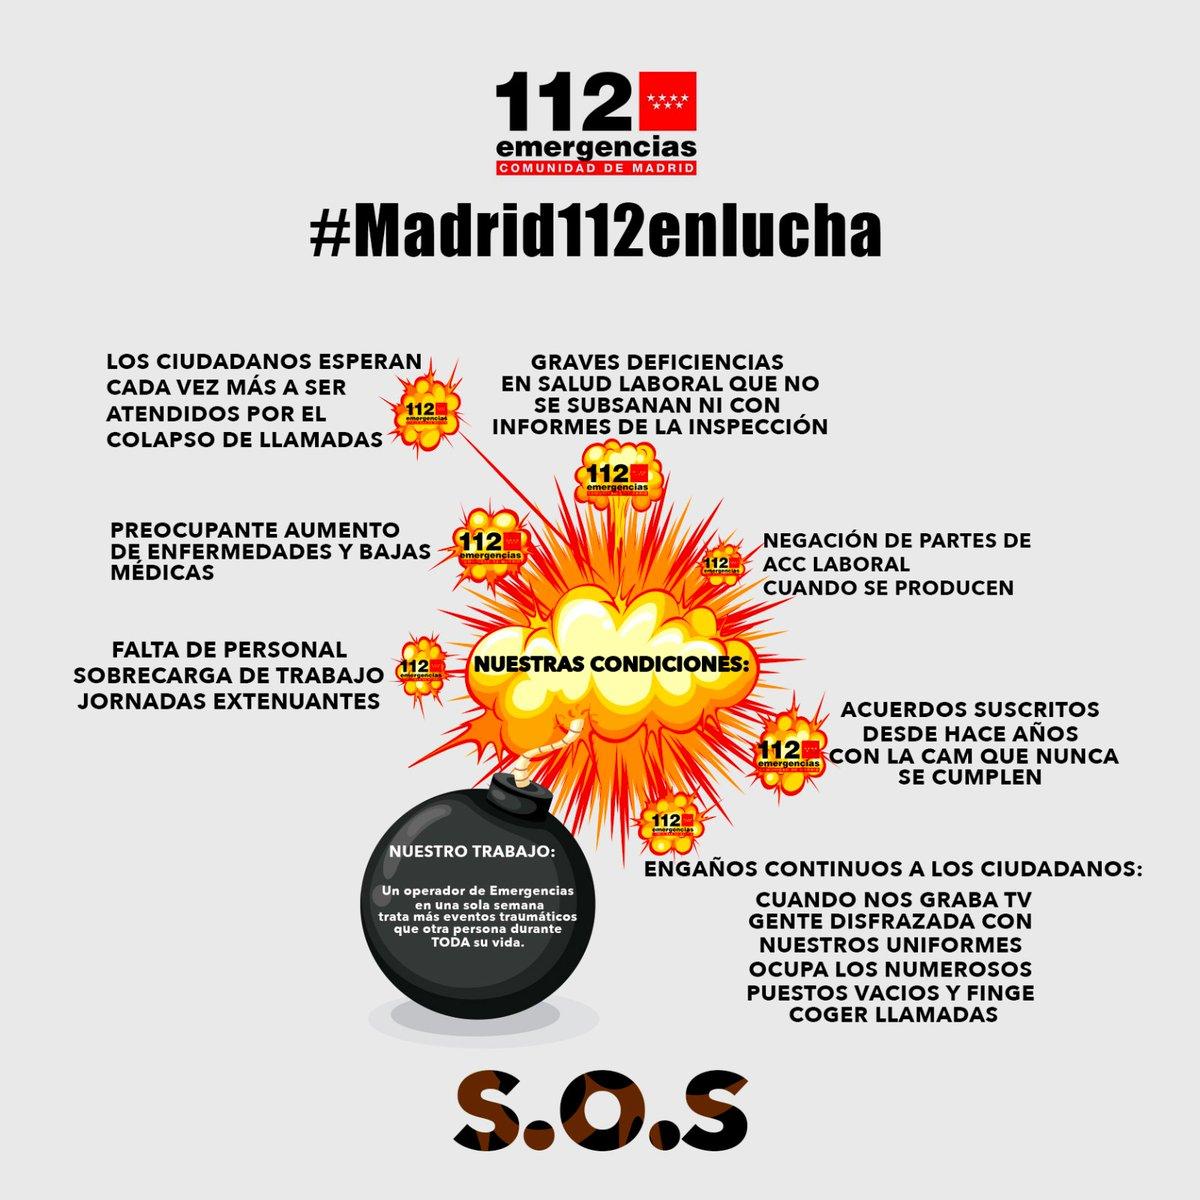 Sigue la Huelga del 112